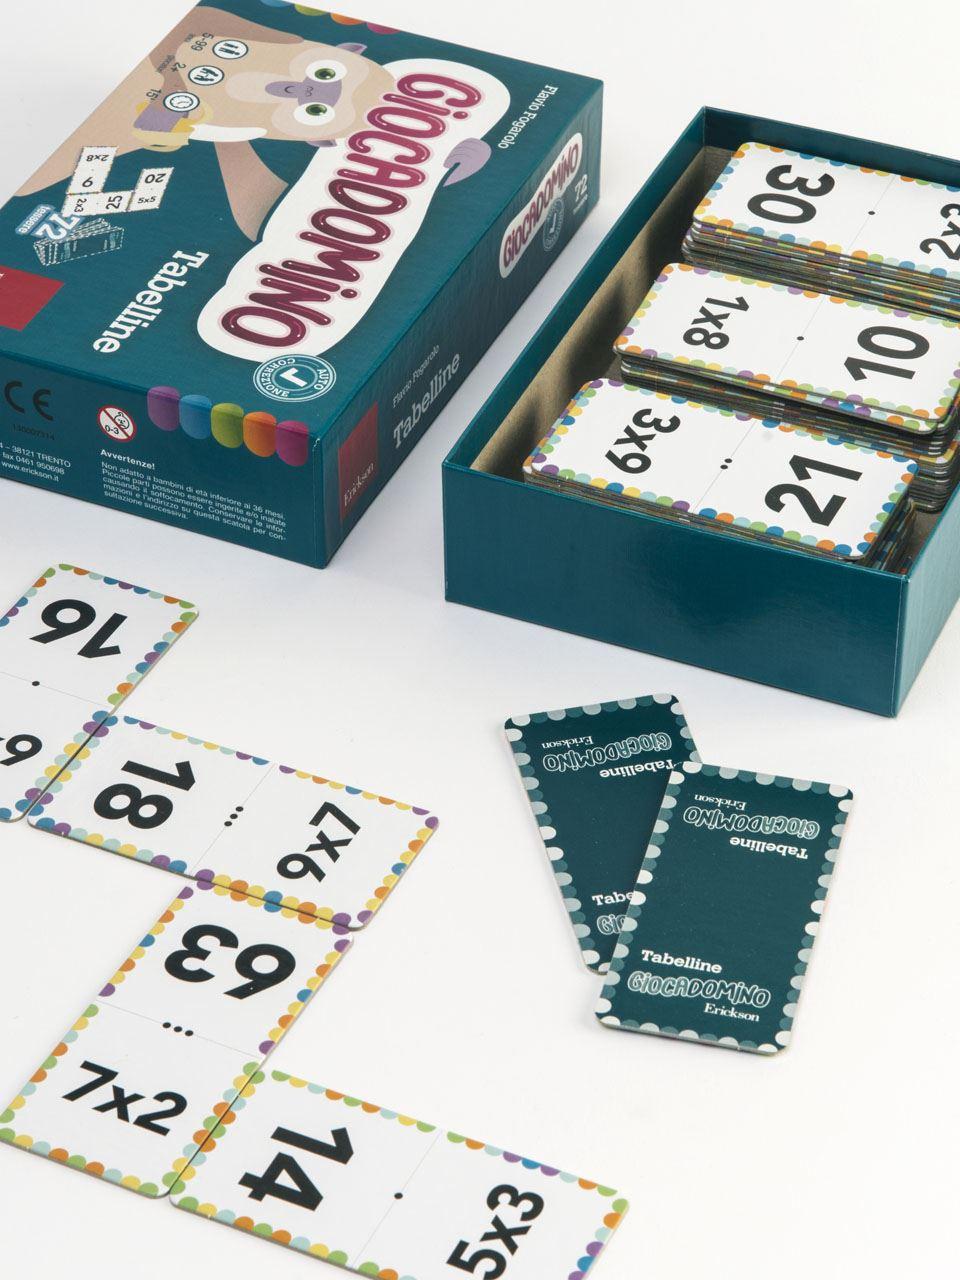 Giocadomino - Tabelline - Giochi - Erickson 2